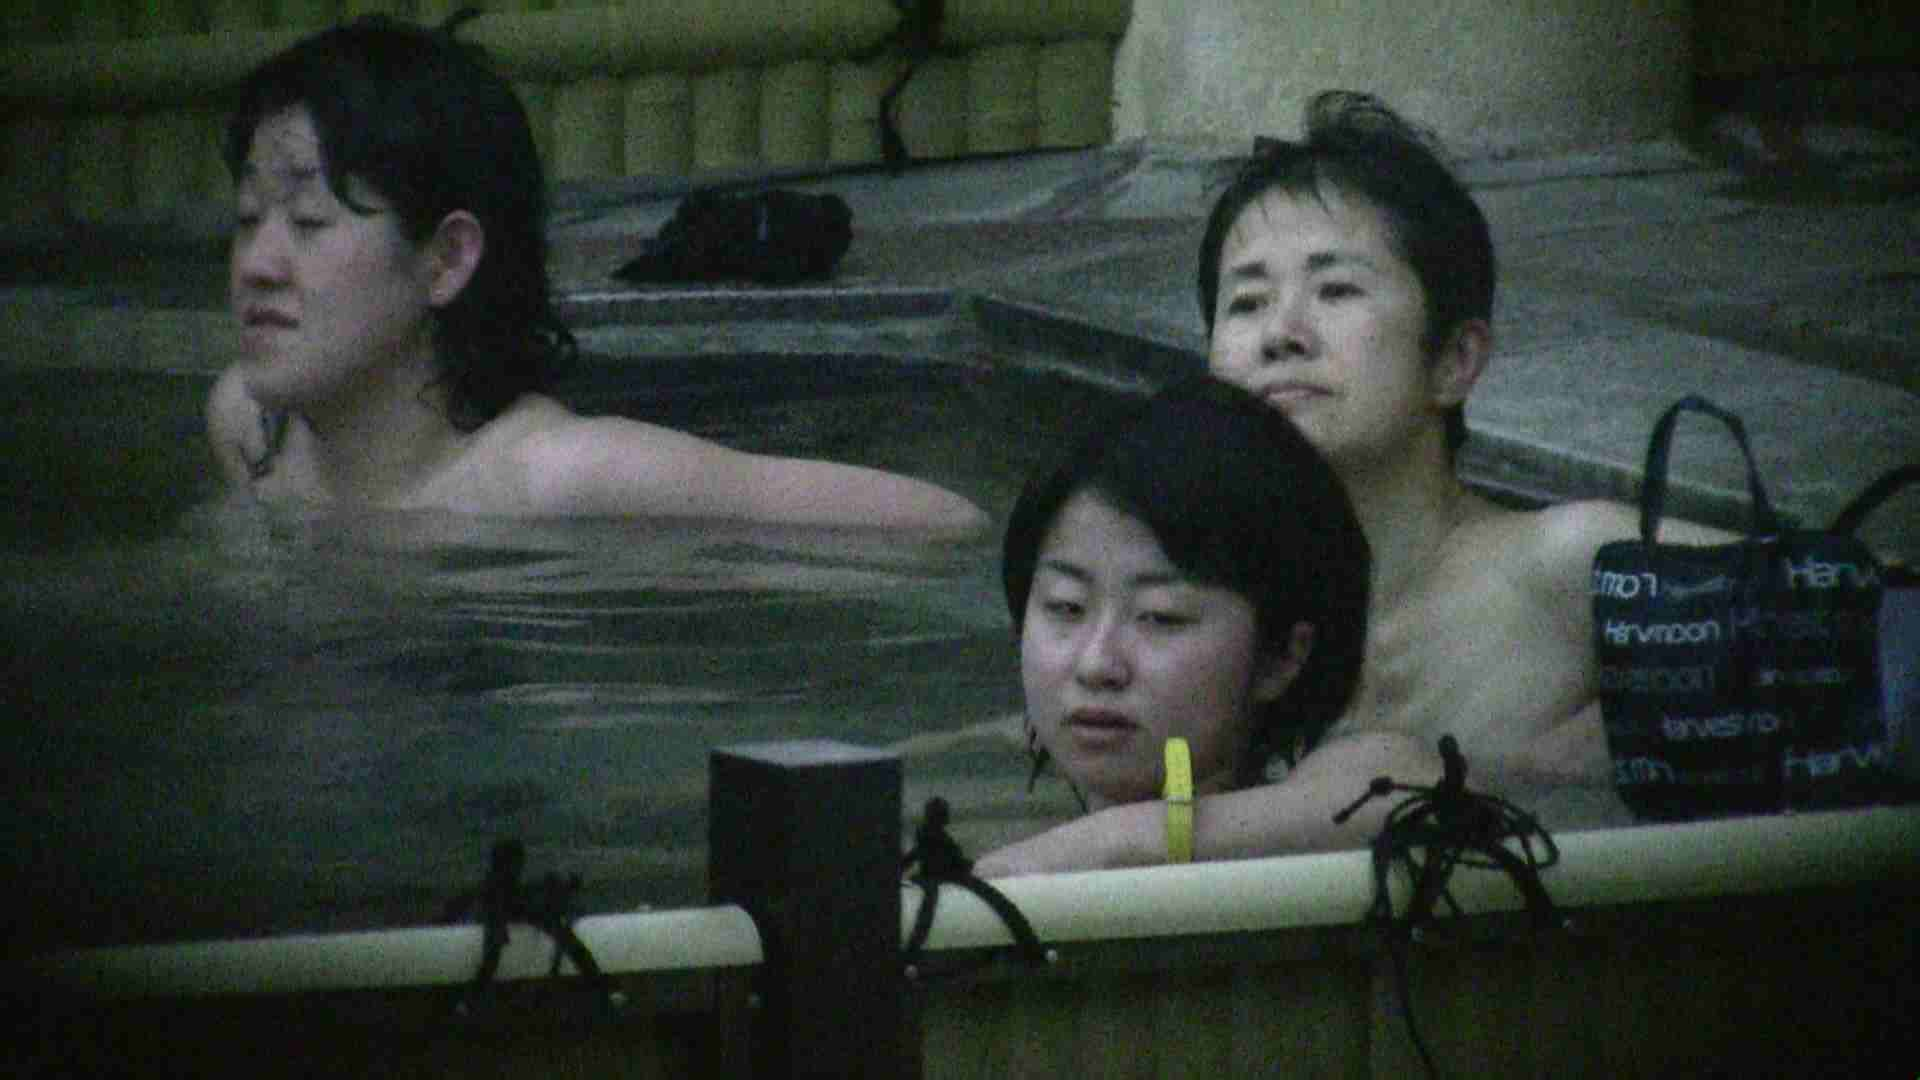 Aquaな露天風呂Vol.112 露天 | 綺麗なOLたち  73枚 22